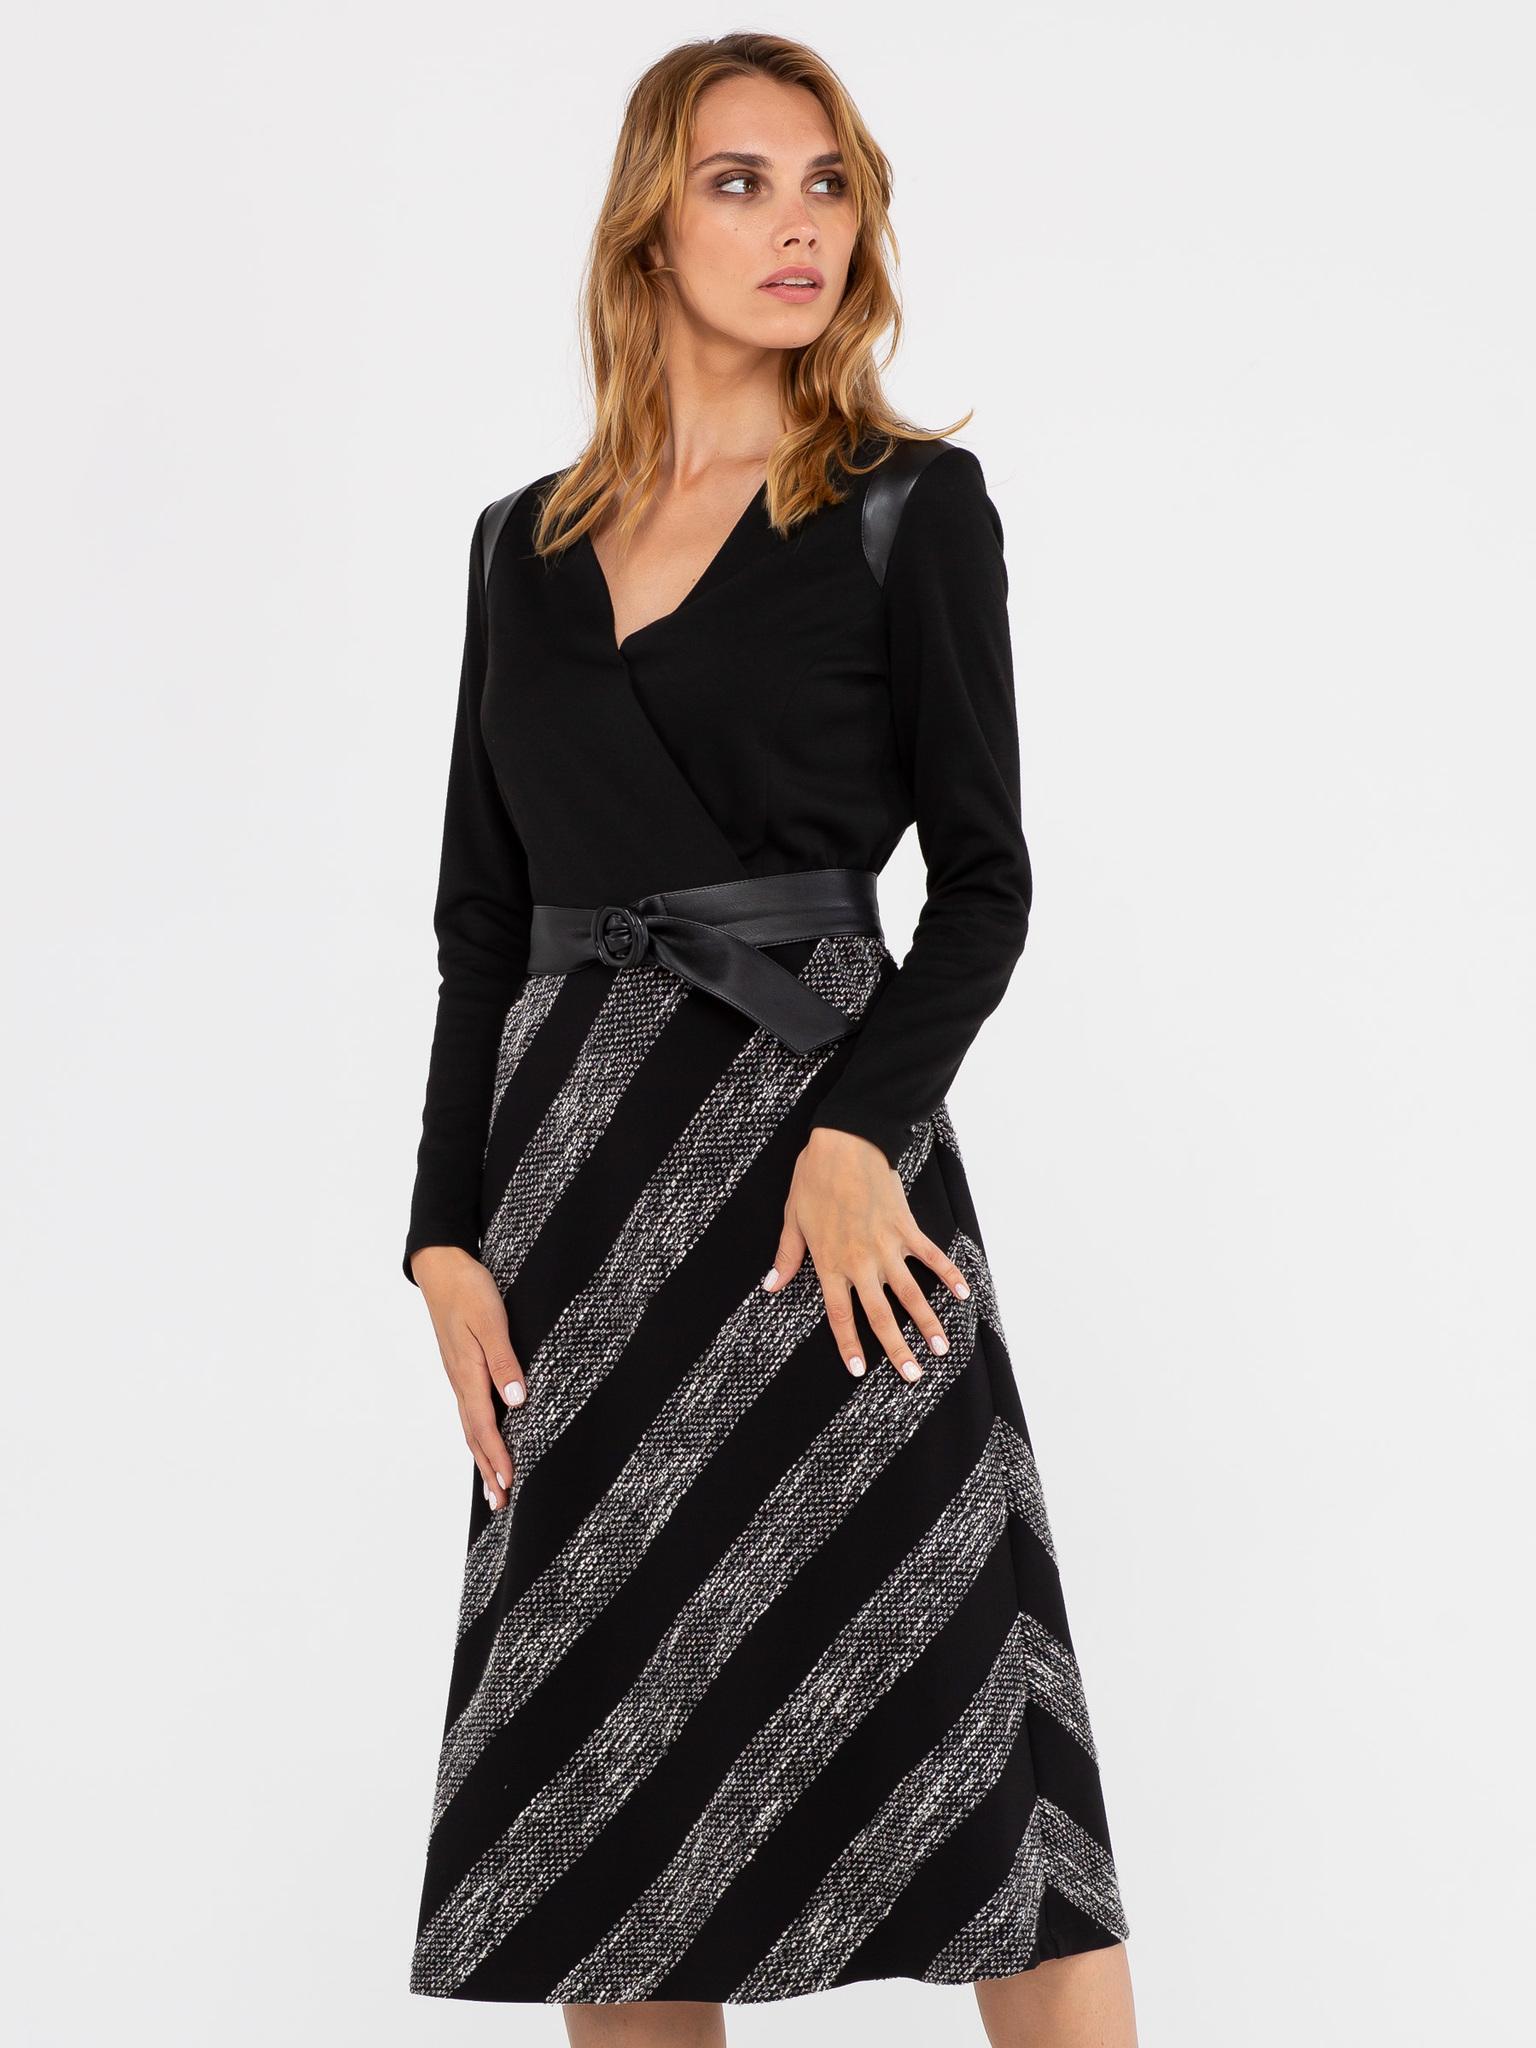 Платье З312-247 - Платье приталенного силуэта, с V - образным вырезом и оригинальными вставками из искусственной кожи на плечах. Верхняя часть выполнена из плотного трикотажа джерси, нижняя часть - из ткани с фактурной полосой. Комплектуется поясом из искусственной кожи.